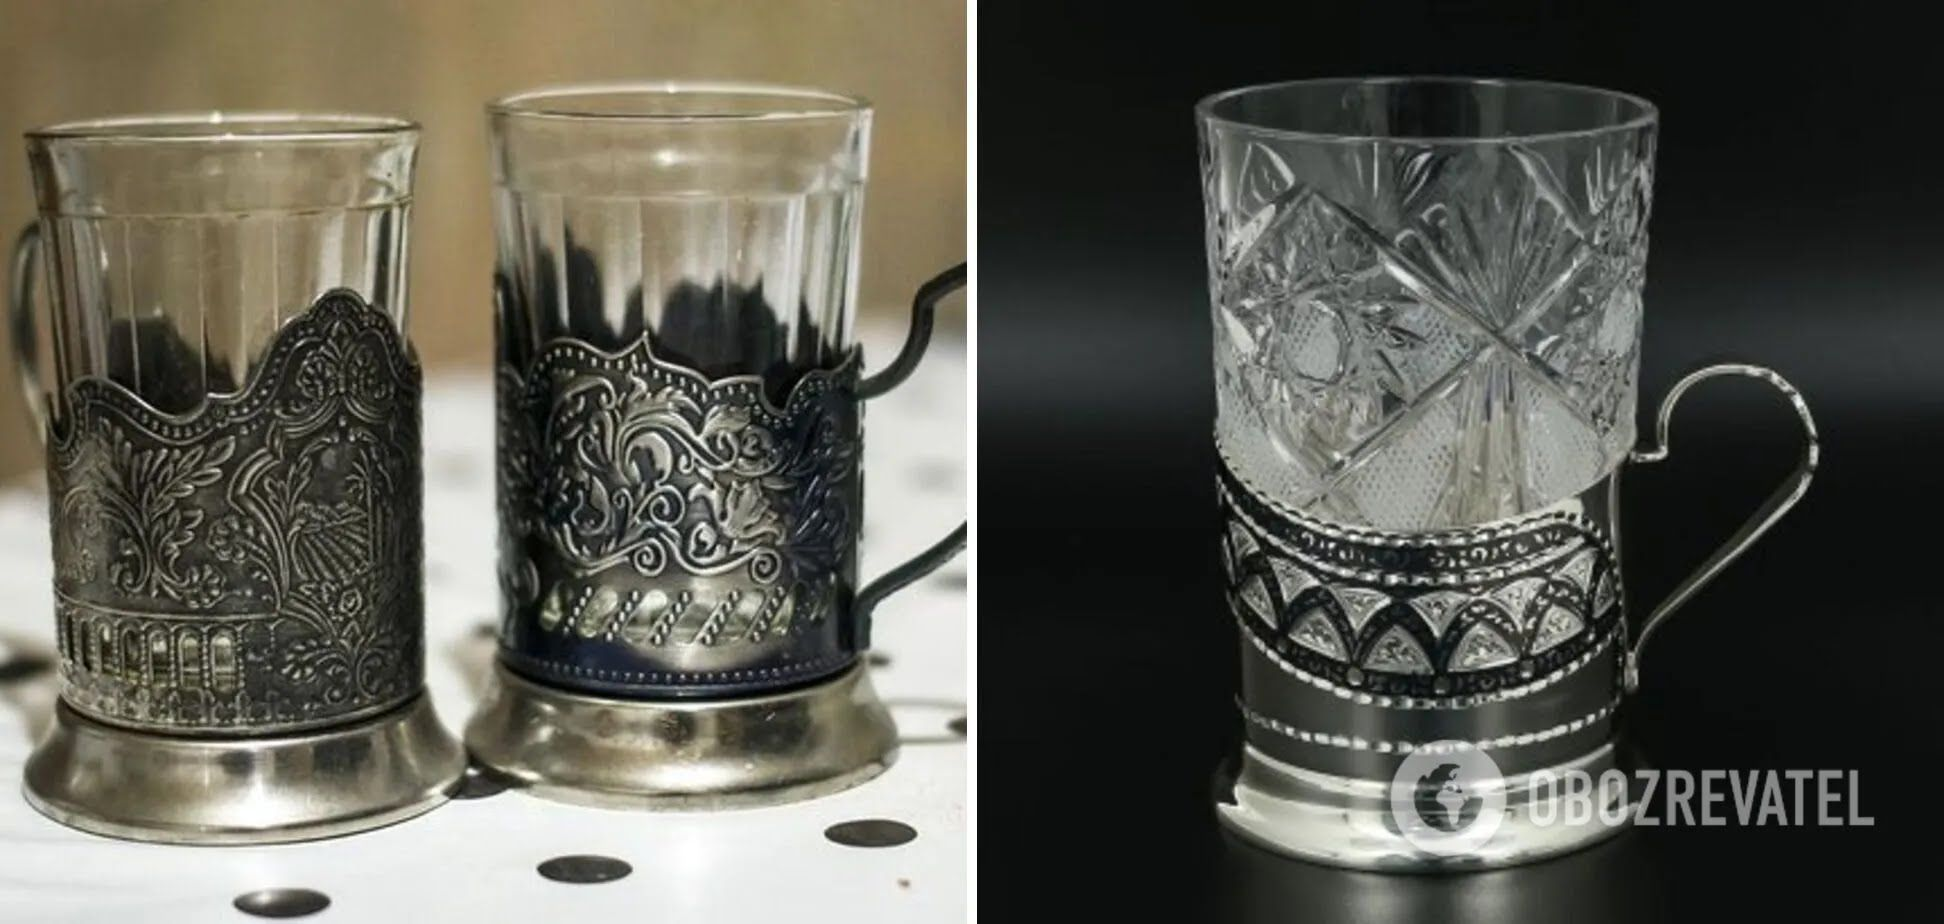 Срібні підставки для склянок стали раритетом